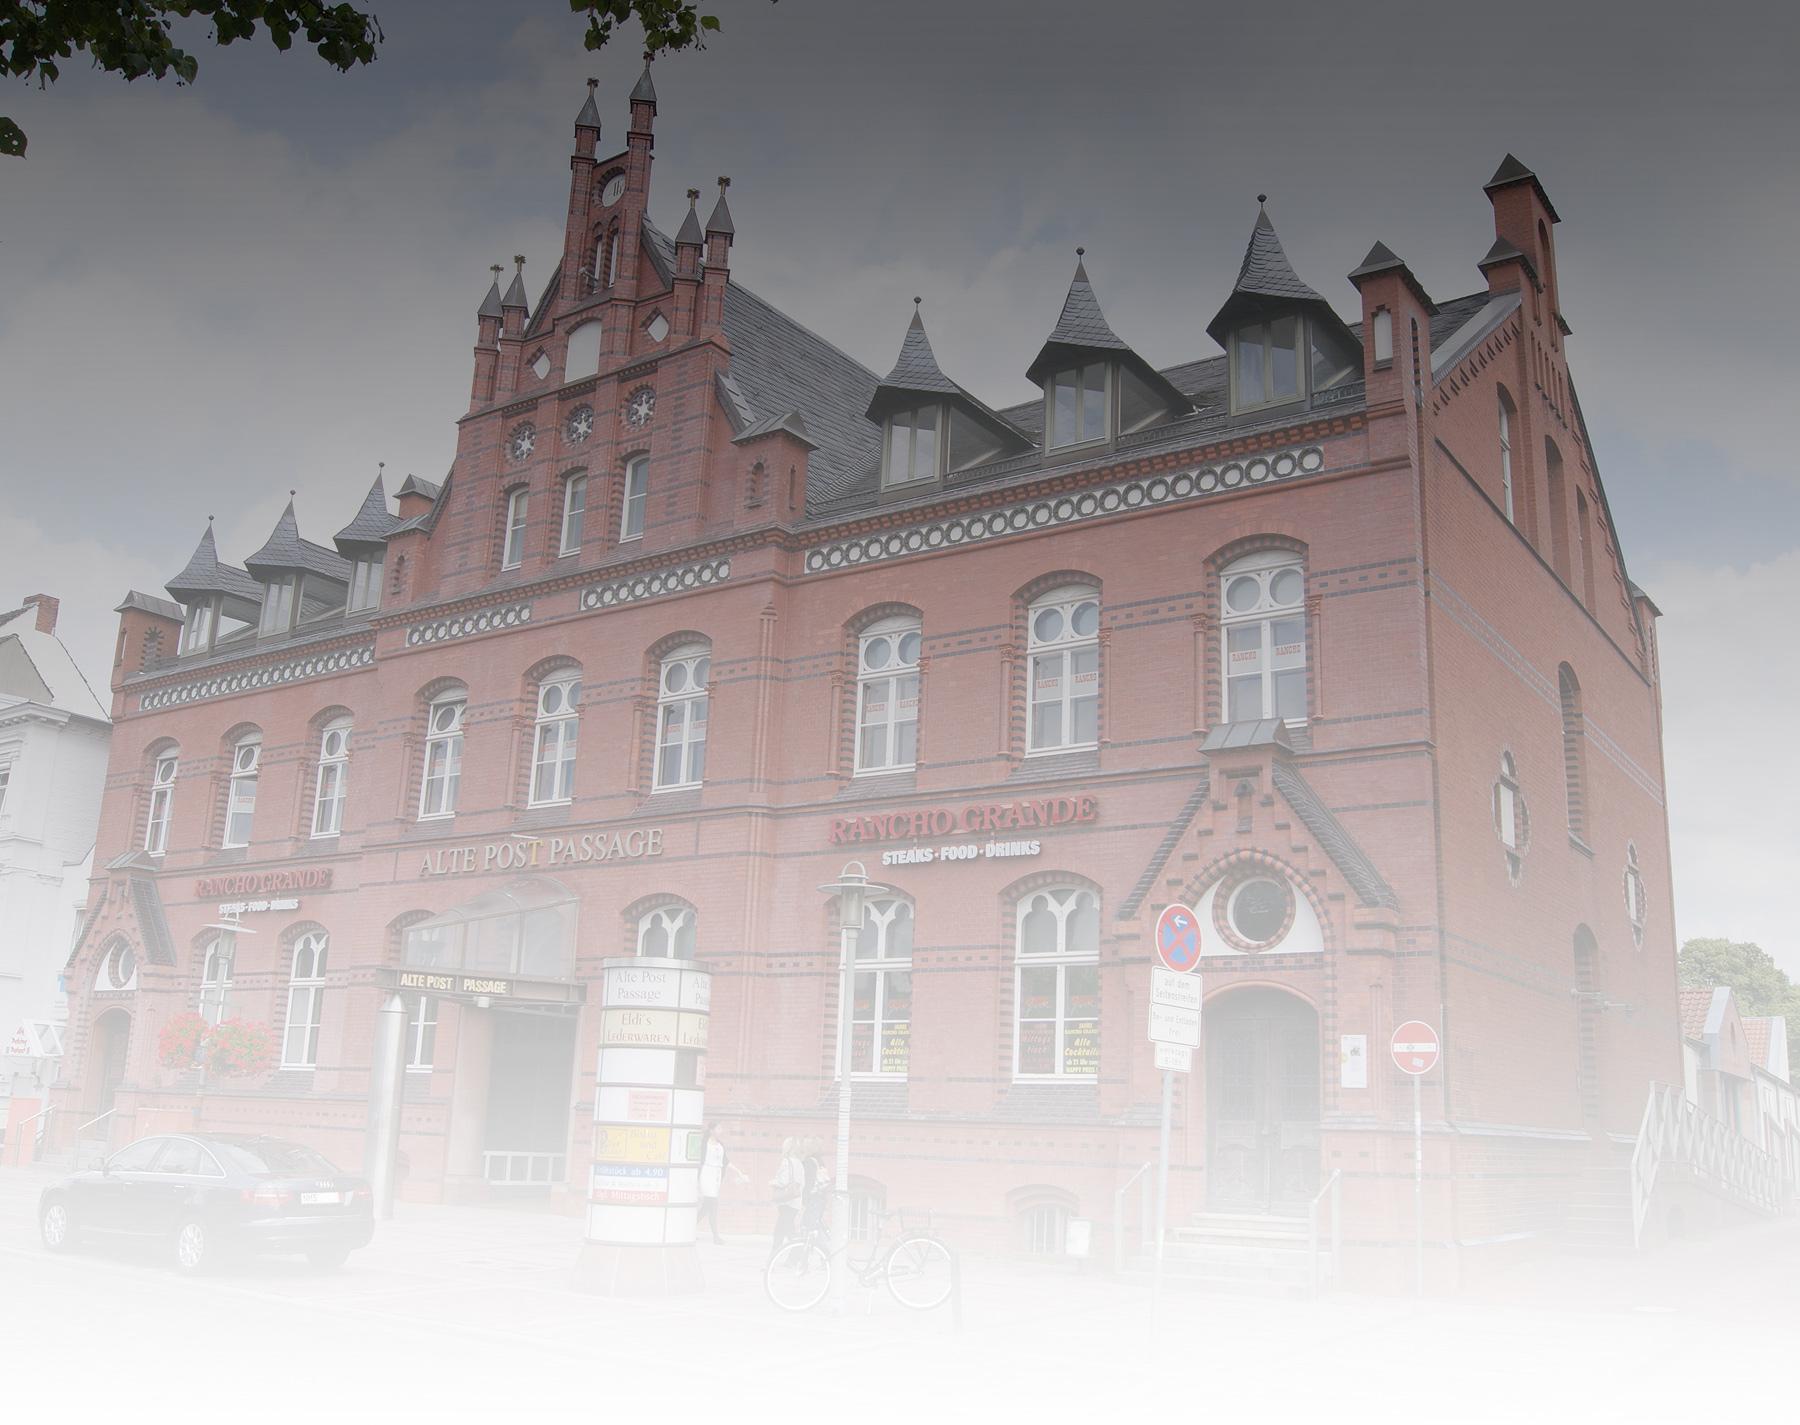 Fachanwalt für Strafrecht Dr. Böttner - alte Post, Neumünster